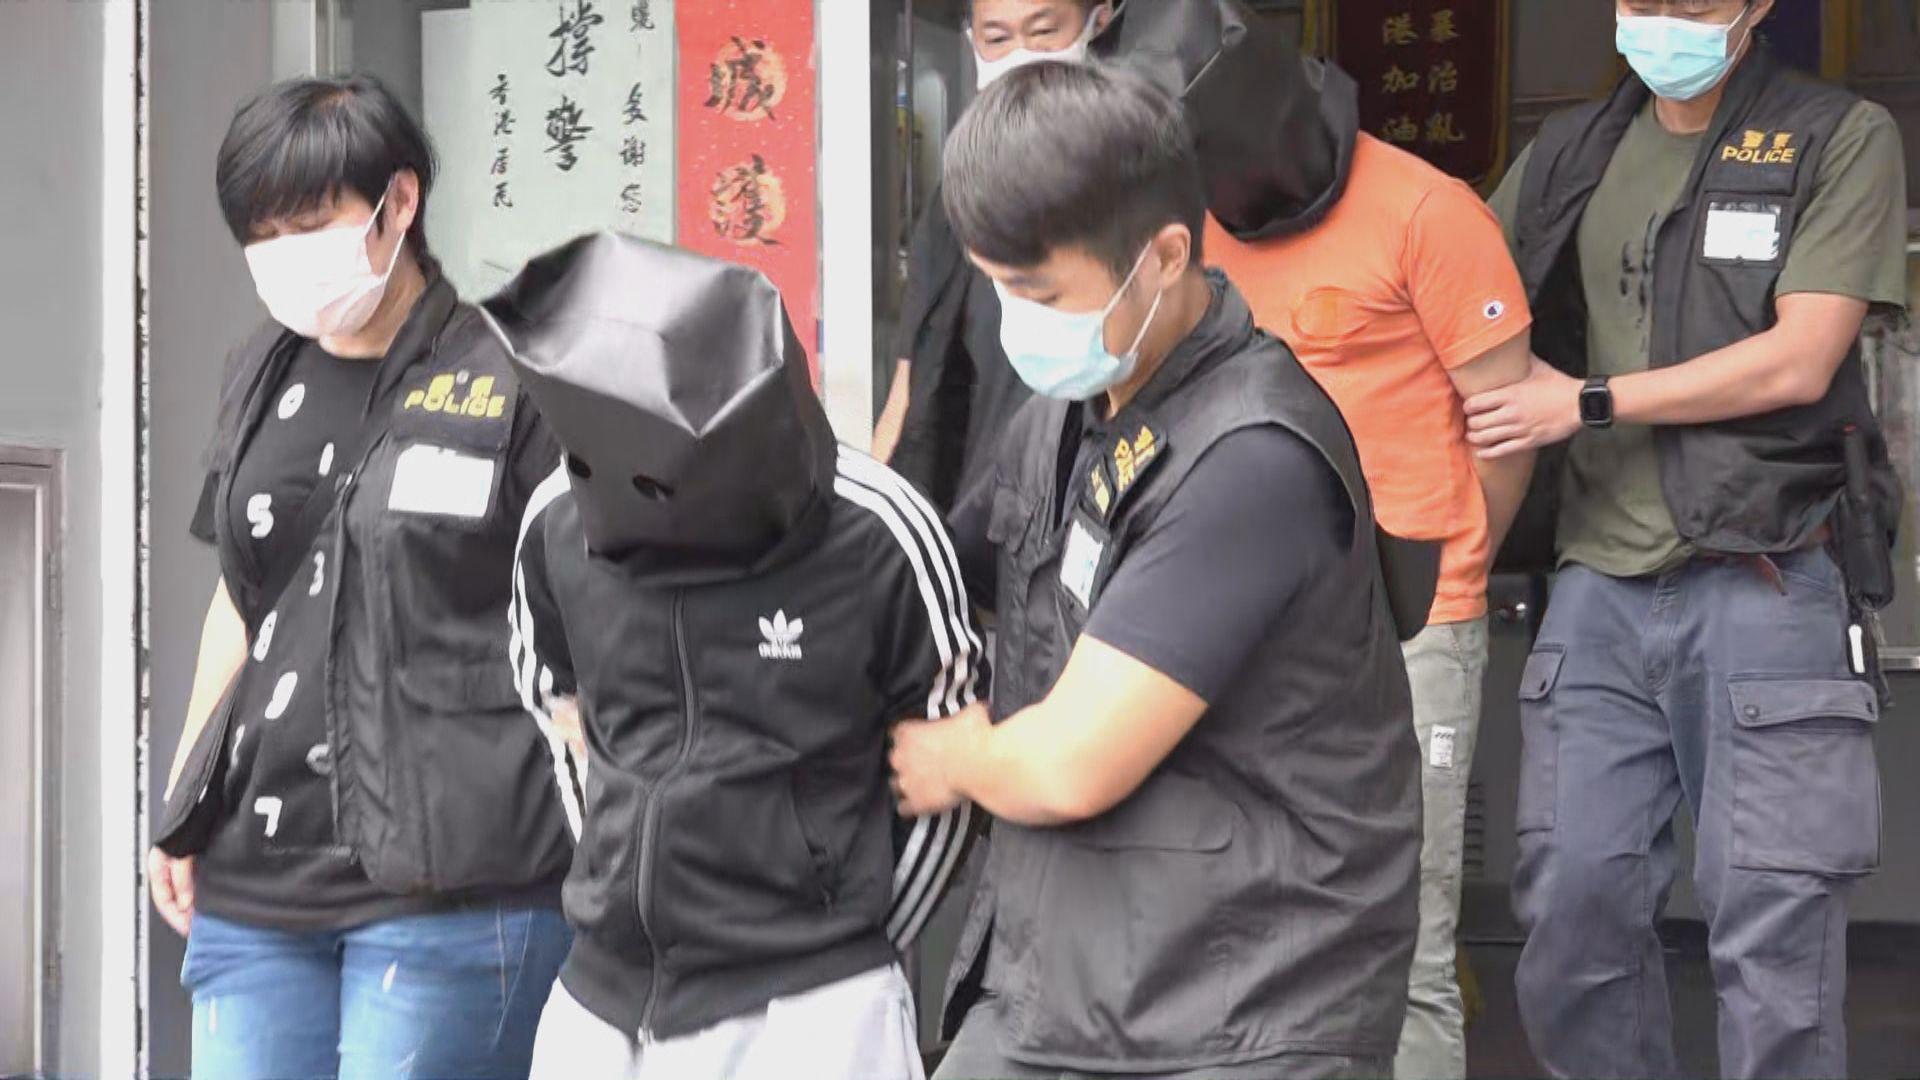 警拘四人涉酒店搶劫一男子30萬元財物和私家車